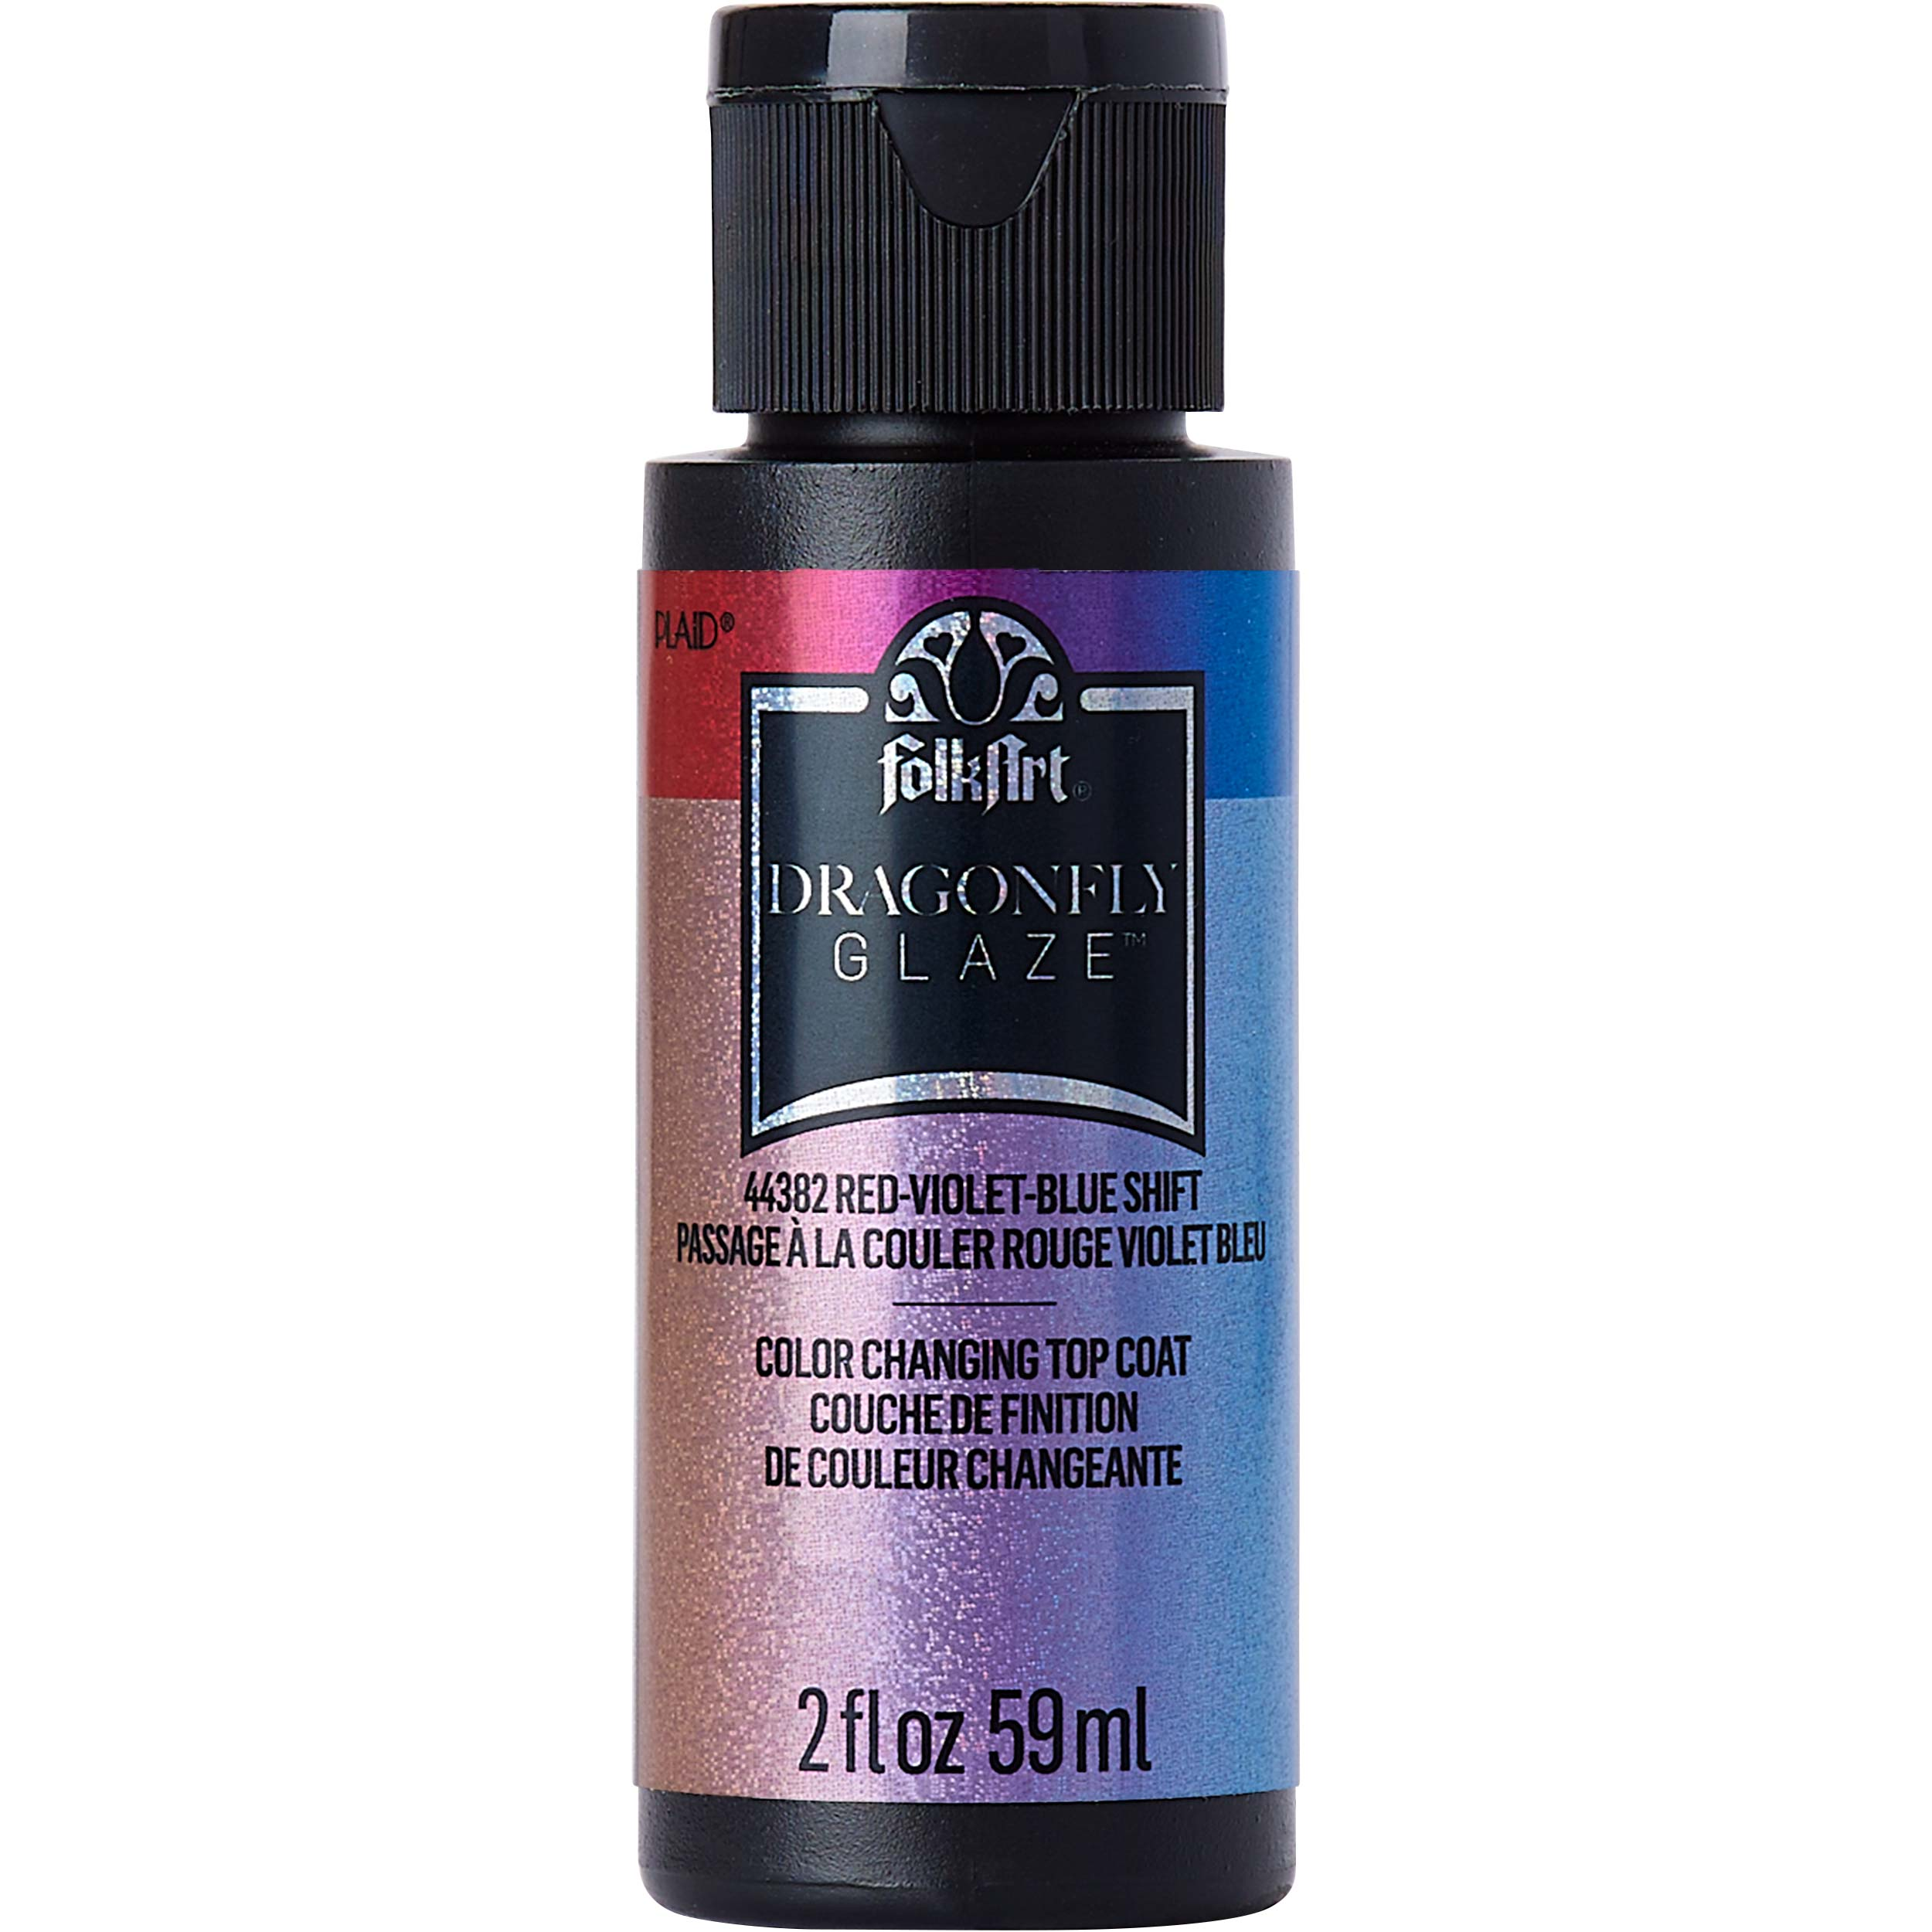 FolkArt ® Dragonfly Glaze™ - Red-Violet-Blue, 2 oz.